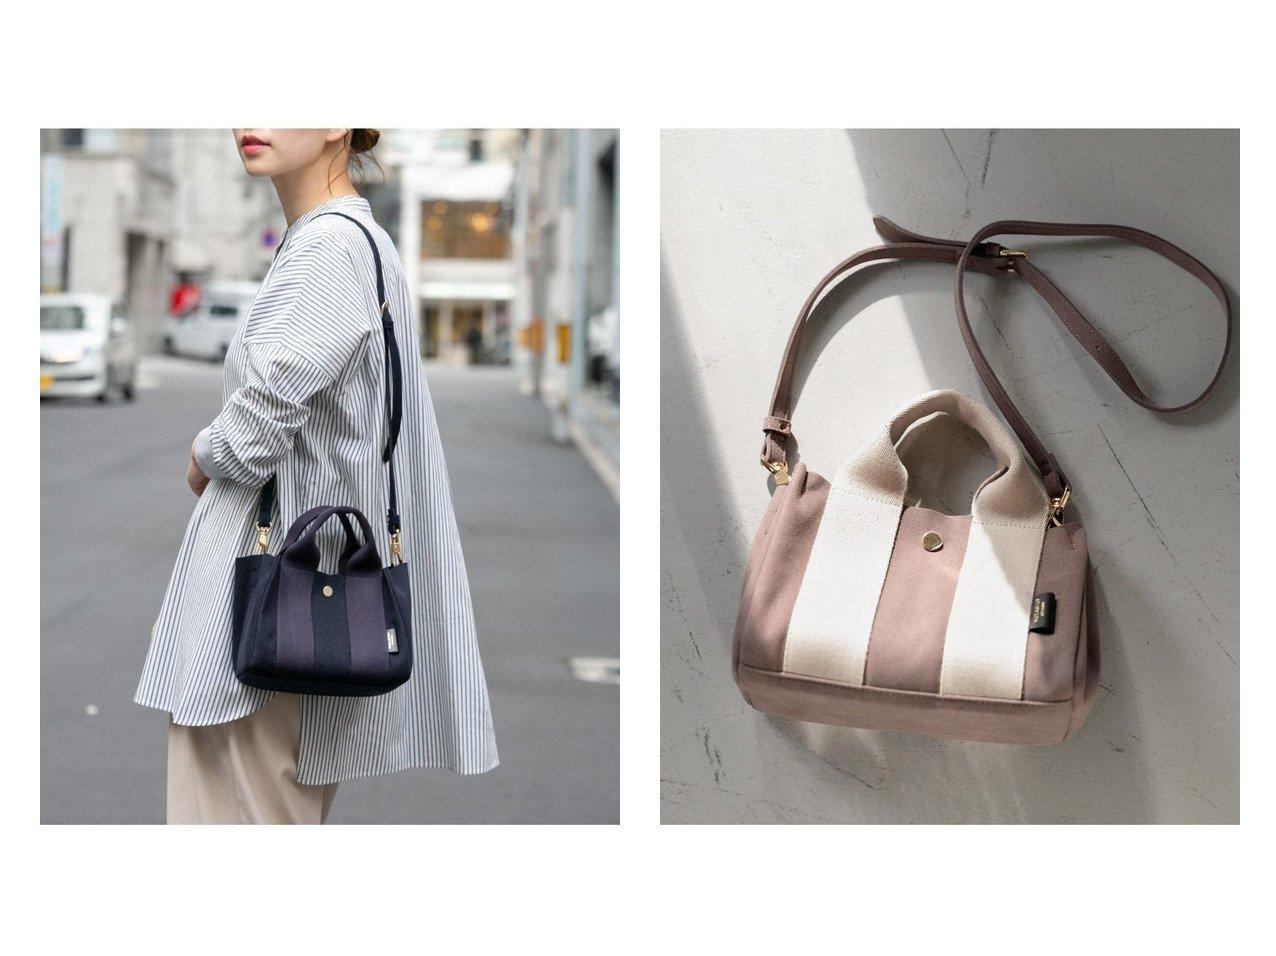 【URBAN RESEARCH ROSSO/アーバンリサーチ ロッソ】のVIOLAd ORO GINO トート ミニ バッグ・鞄のおすすめ!人気、トレンド・レディースファッションの通販 おすすめで人気の流行・トレンド、ファッションの通販商品 メンズファッション・キッズファッション・インテリア・家具・レディースファッション・服の通販 founy(ファニー) https://founy.com/ ファッション Fashion レディースファッション WOMEN バッグ Bag S/S 春夏 SS Spring/Summer コンパクト ショルダー フォルム ポケット |ID:crp329100000016323